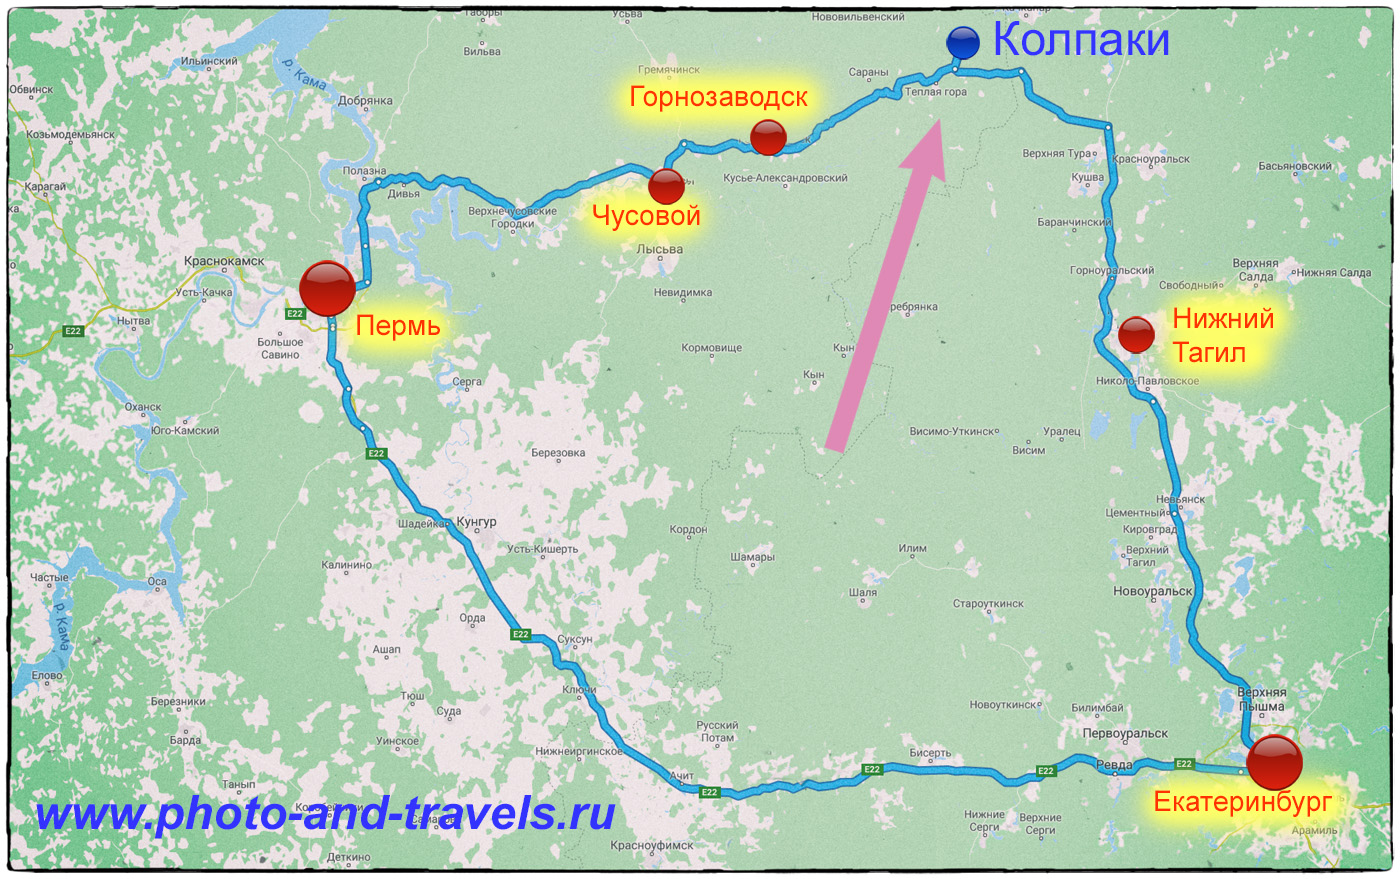 Фото 19. Карта со схемой, как добраться до горы Колпаки самостоятельно на автомобиле или на автобусе.